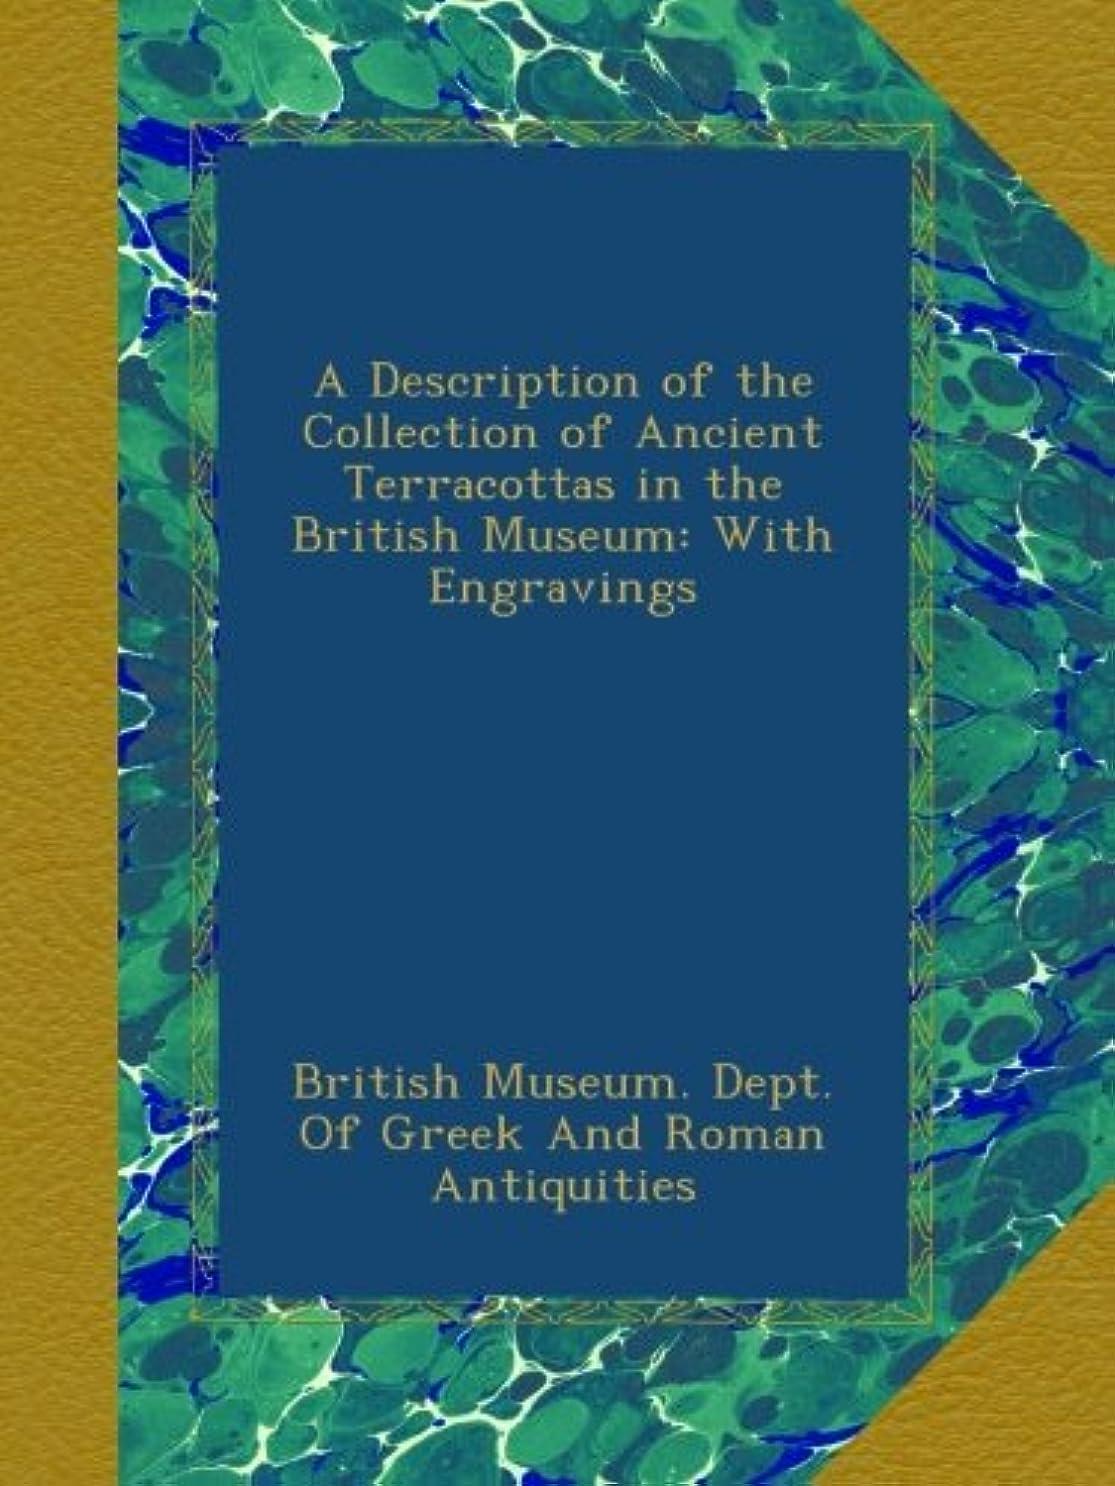 スティーブンソン最大化する今A Description of the Collection of Ancient Terracottas in the British Museum: With Engravings